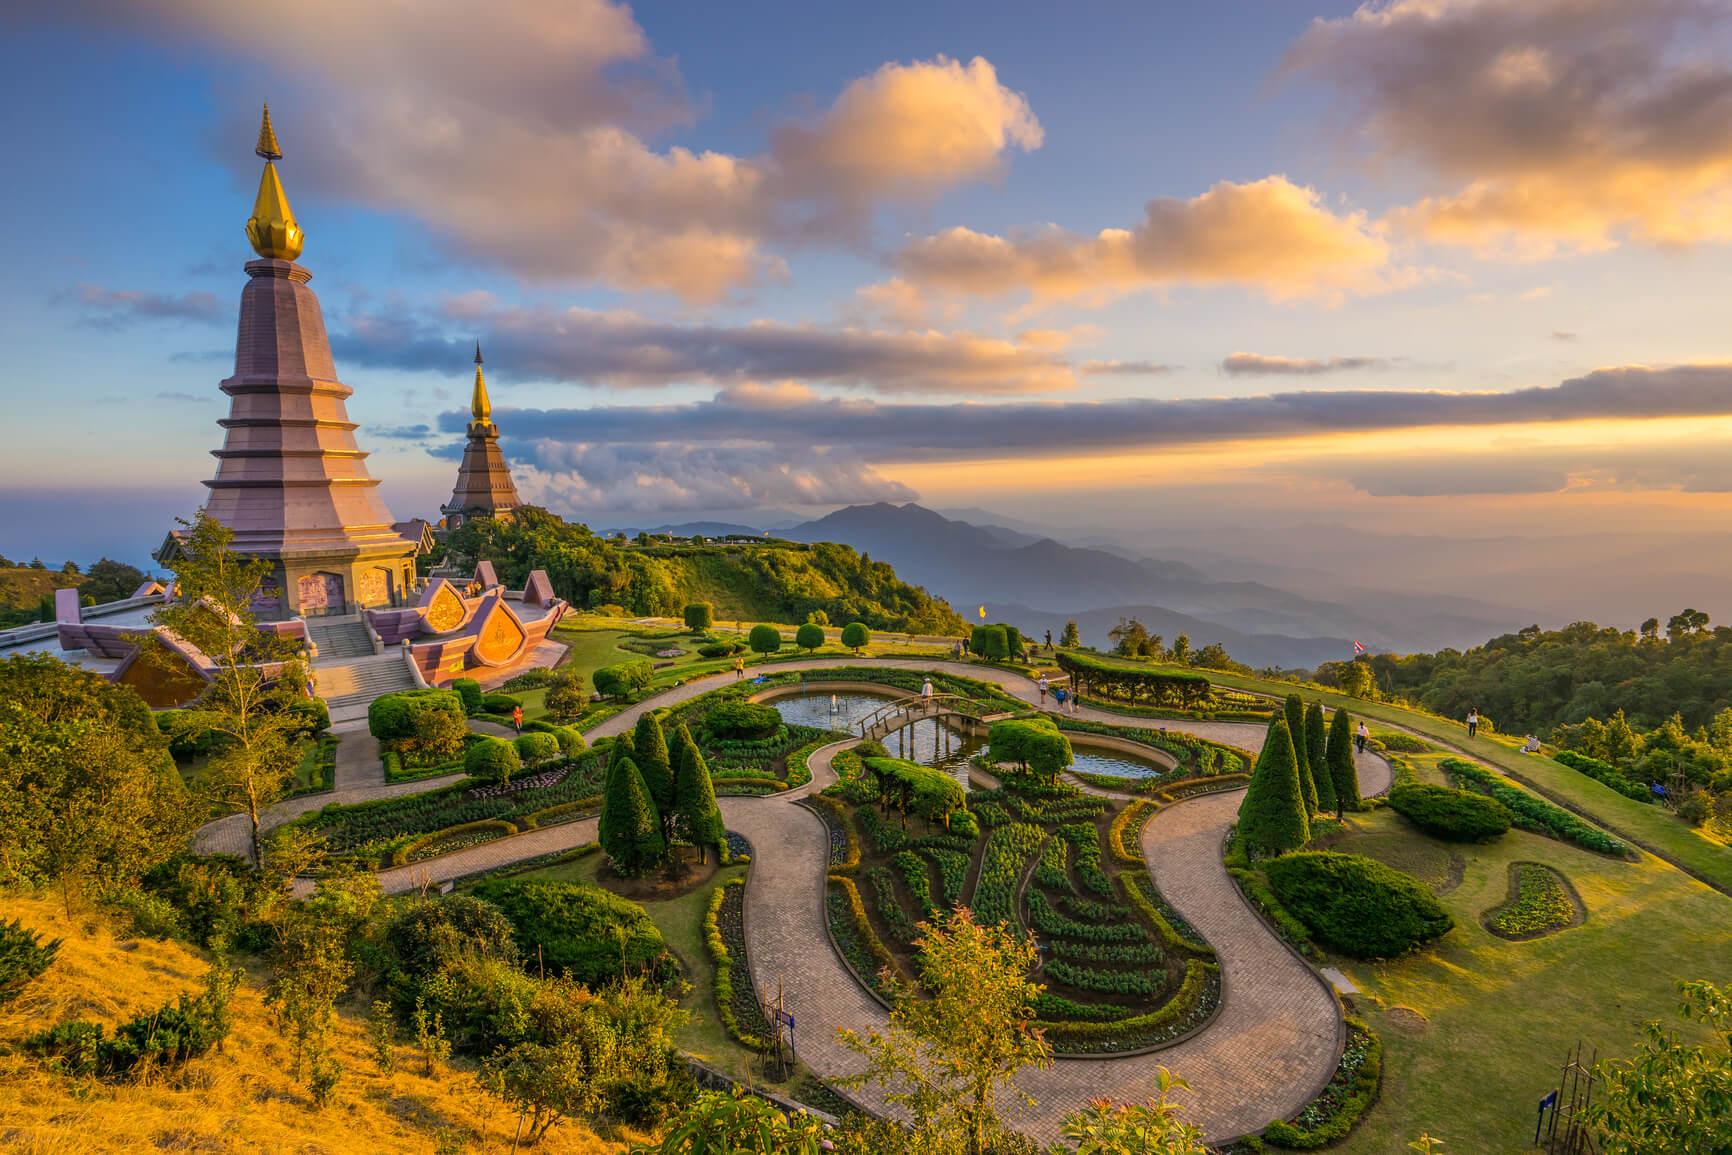 Stuttgart, München, Düsseldorf nach Thailand mit Turkish Airlines ab 389 €